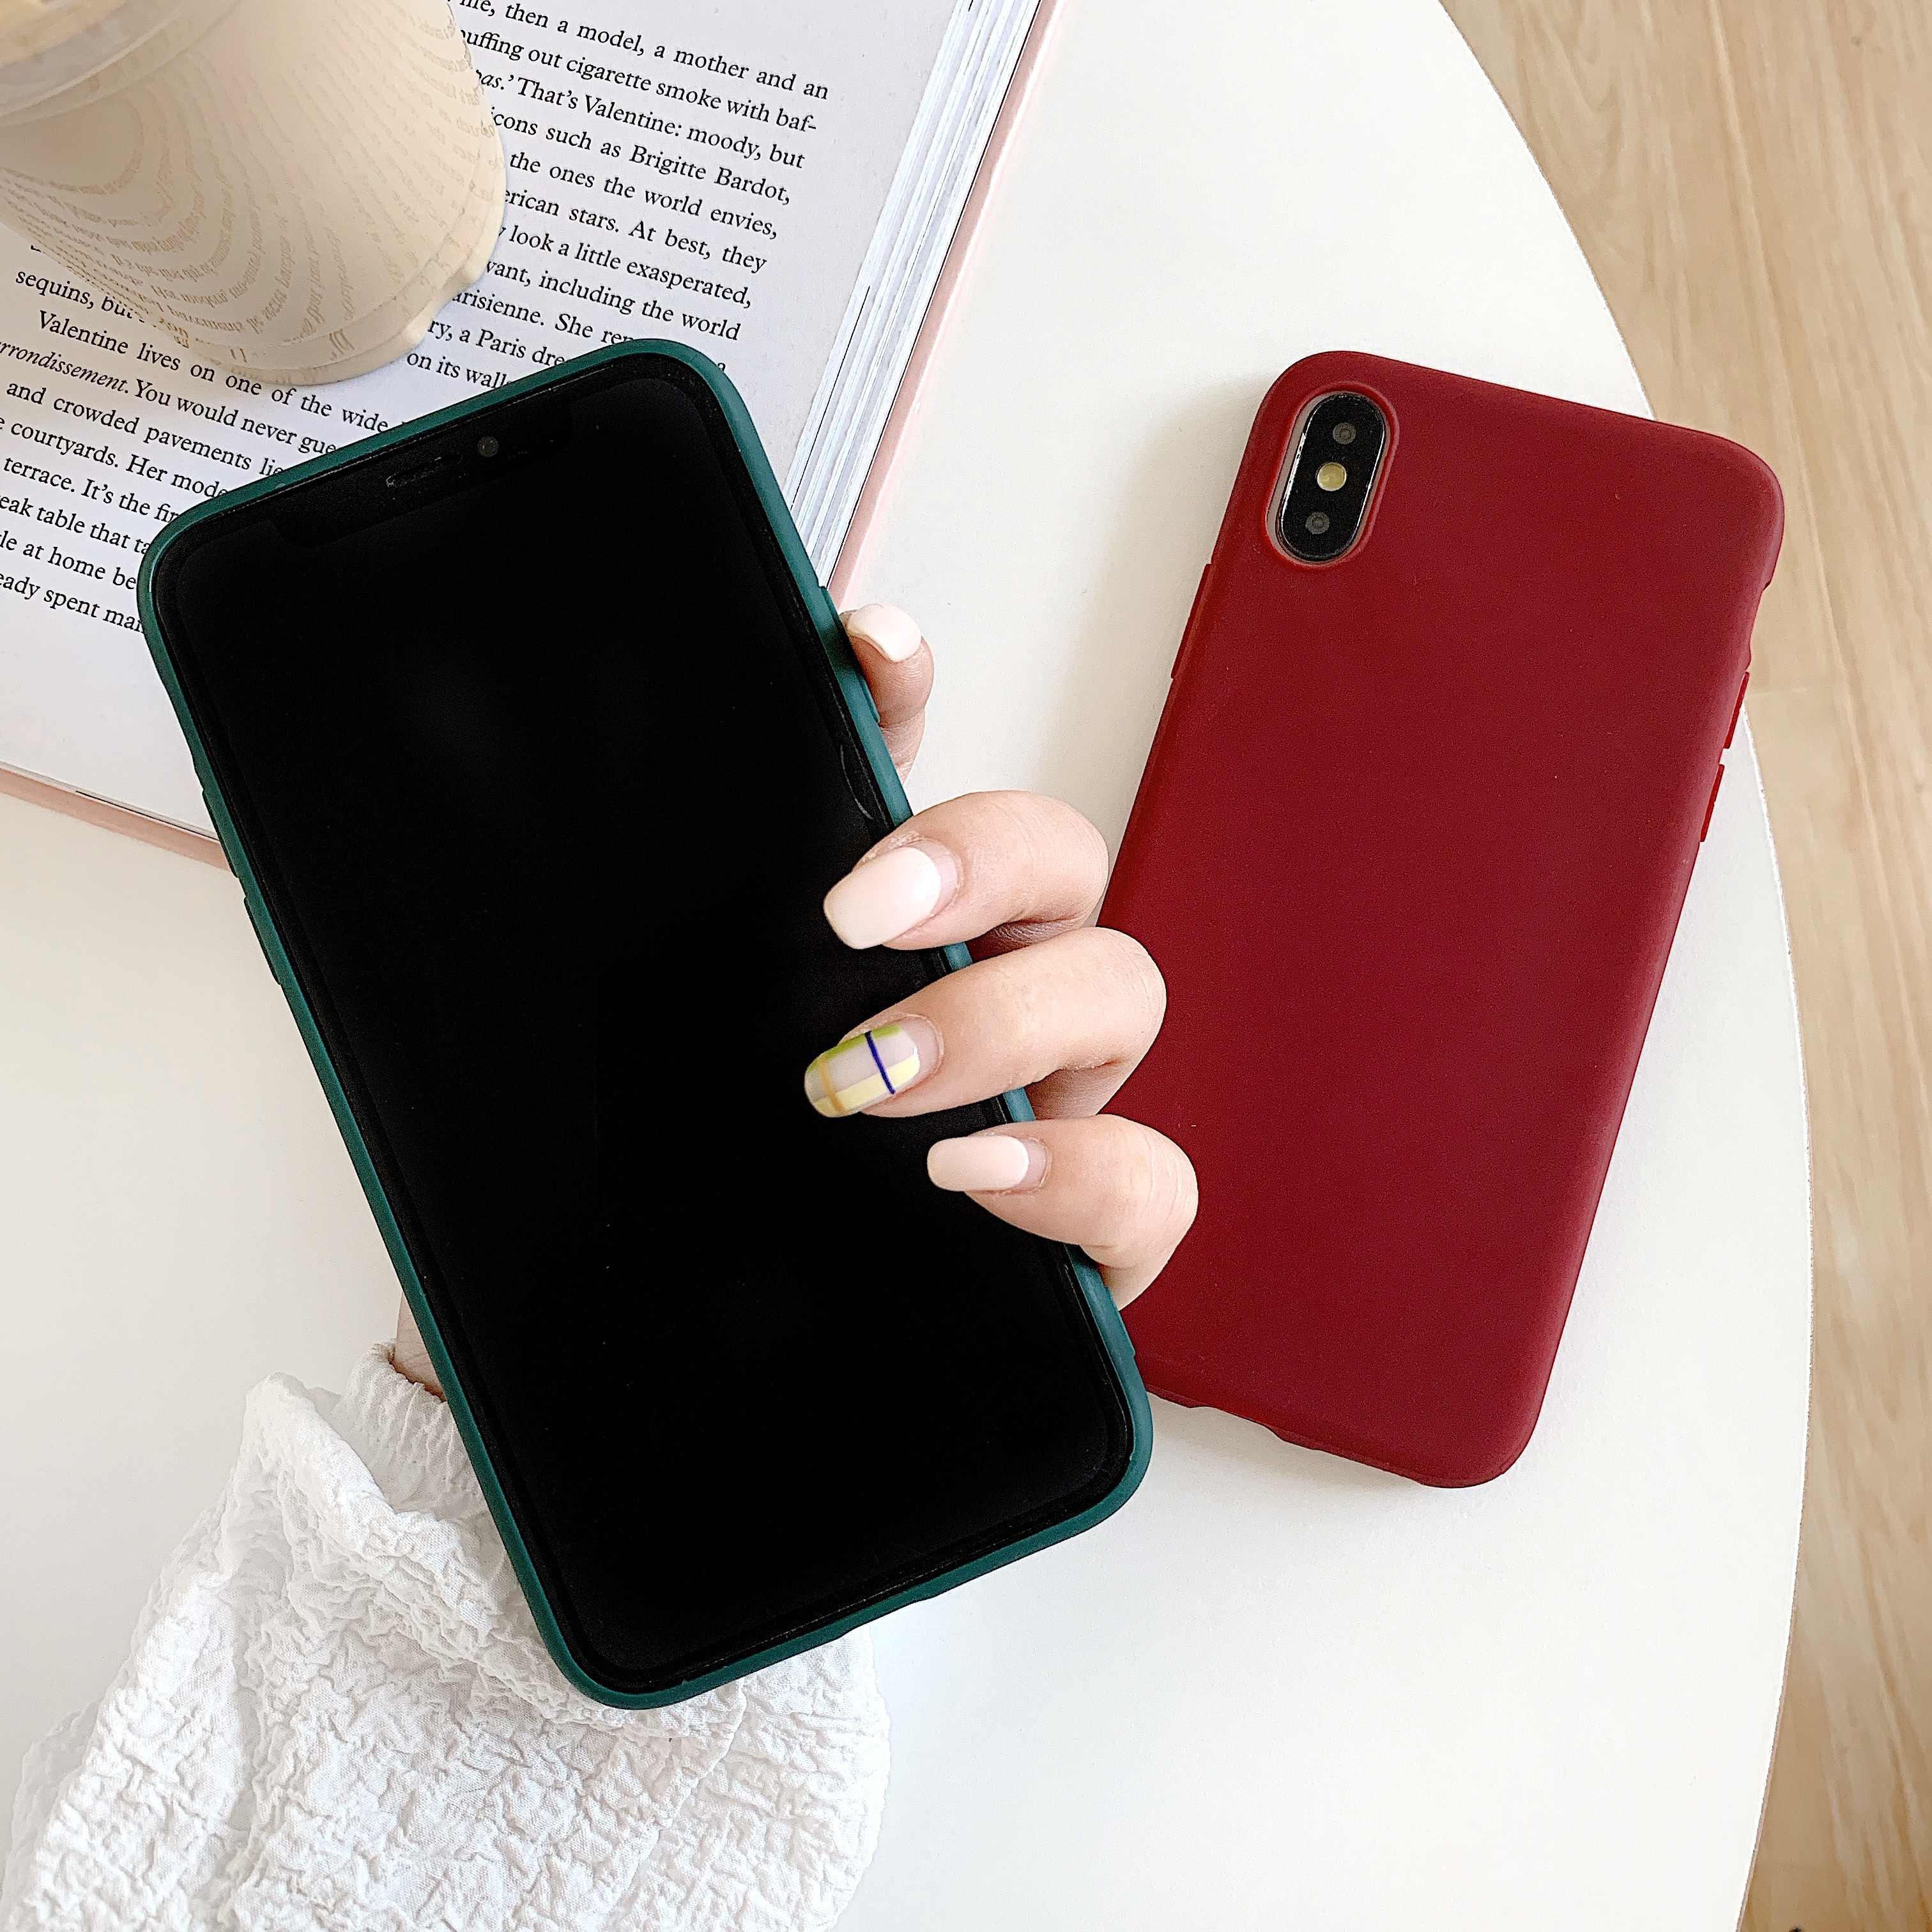 Di lusso Della Caramella Molle del silicone della copertura Per il iphone 6 6S 7 8 Più di X XS XR 11 Pro Max 11Pro per samsung S20 S10 S9 S8 Plus + cassa del telefono